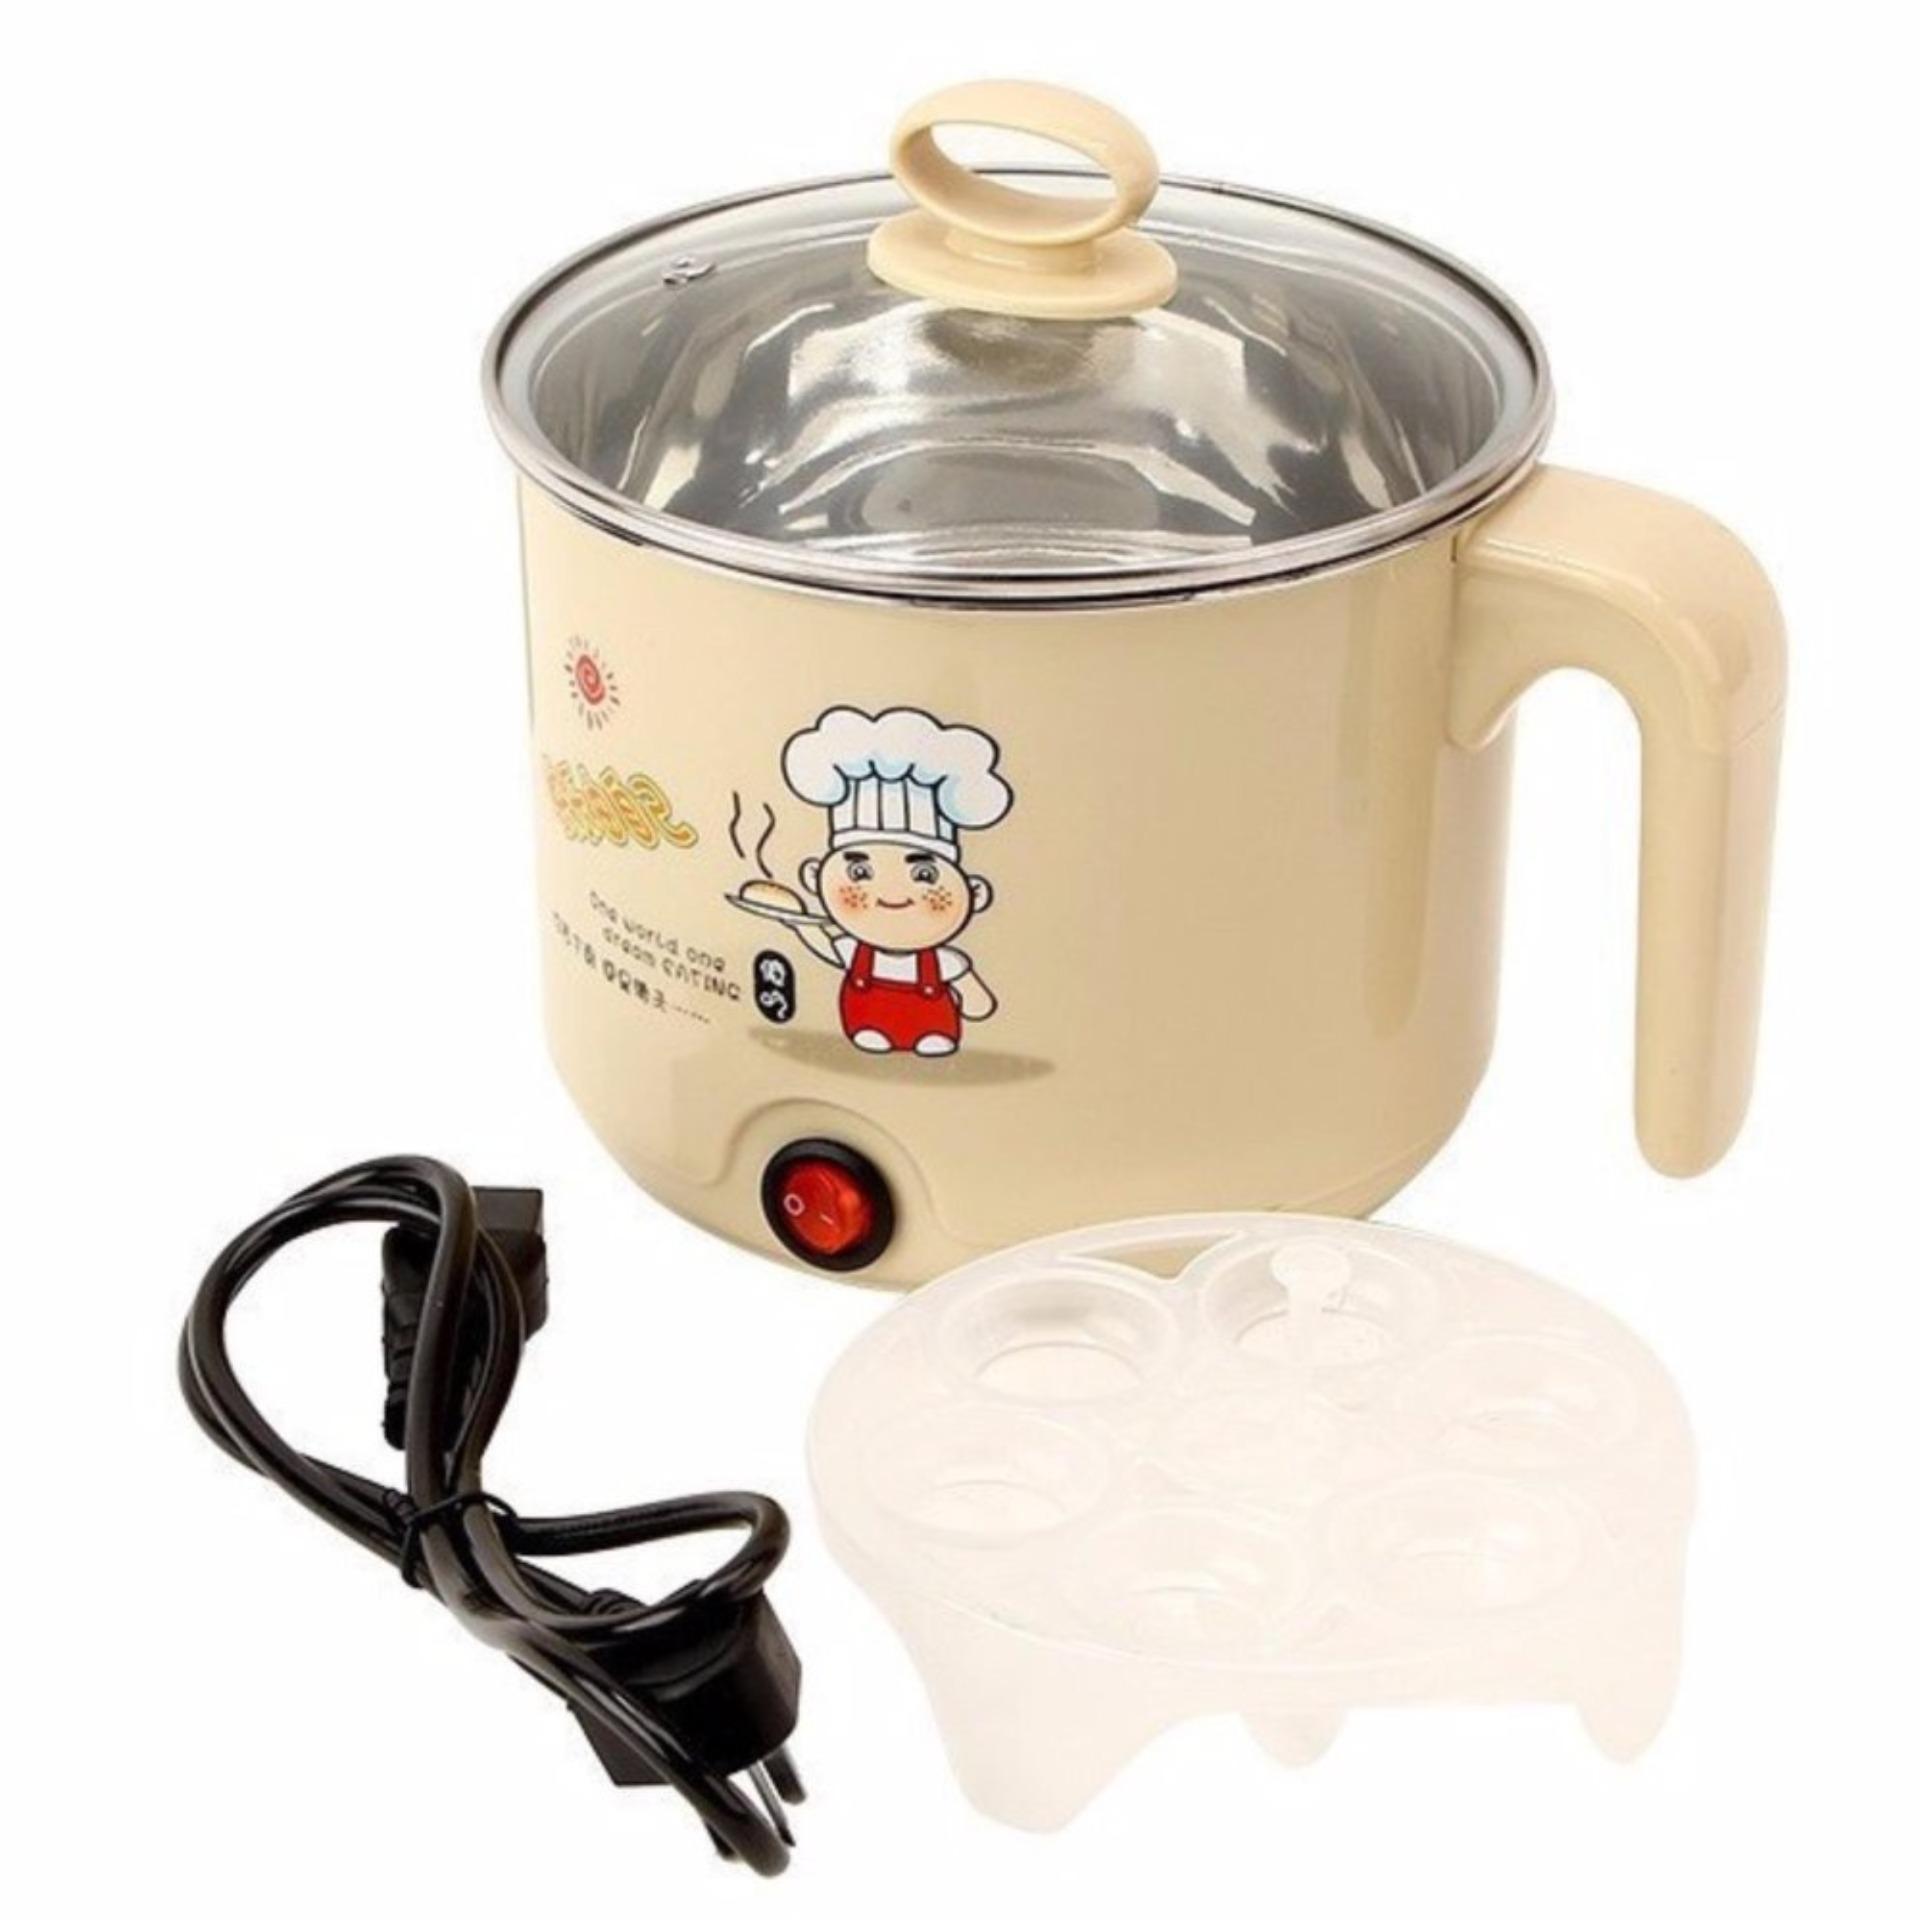 Gia am sieu toc/ Mua chảo điện đa năng ở đâu - Nồi nấu mì siêu tốc mini, thiết kế an toàn- giữ nguyên hương vị của món ăn, tiện nghi cho các bữa ăn gia đình, MS: BBS030